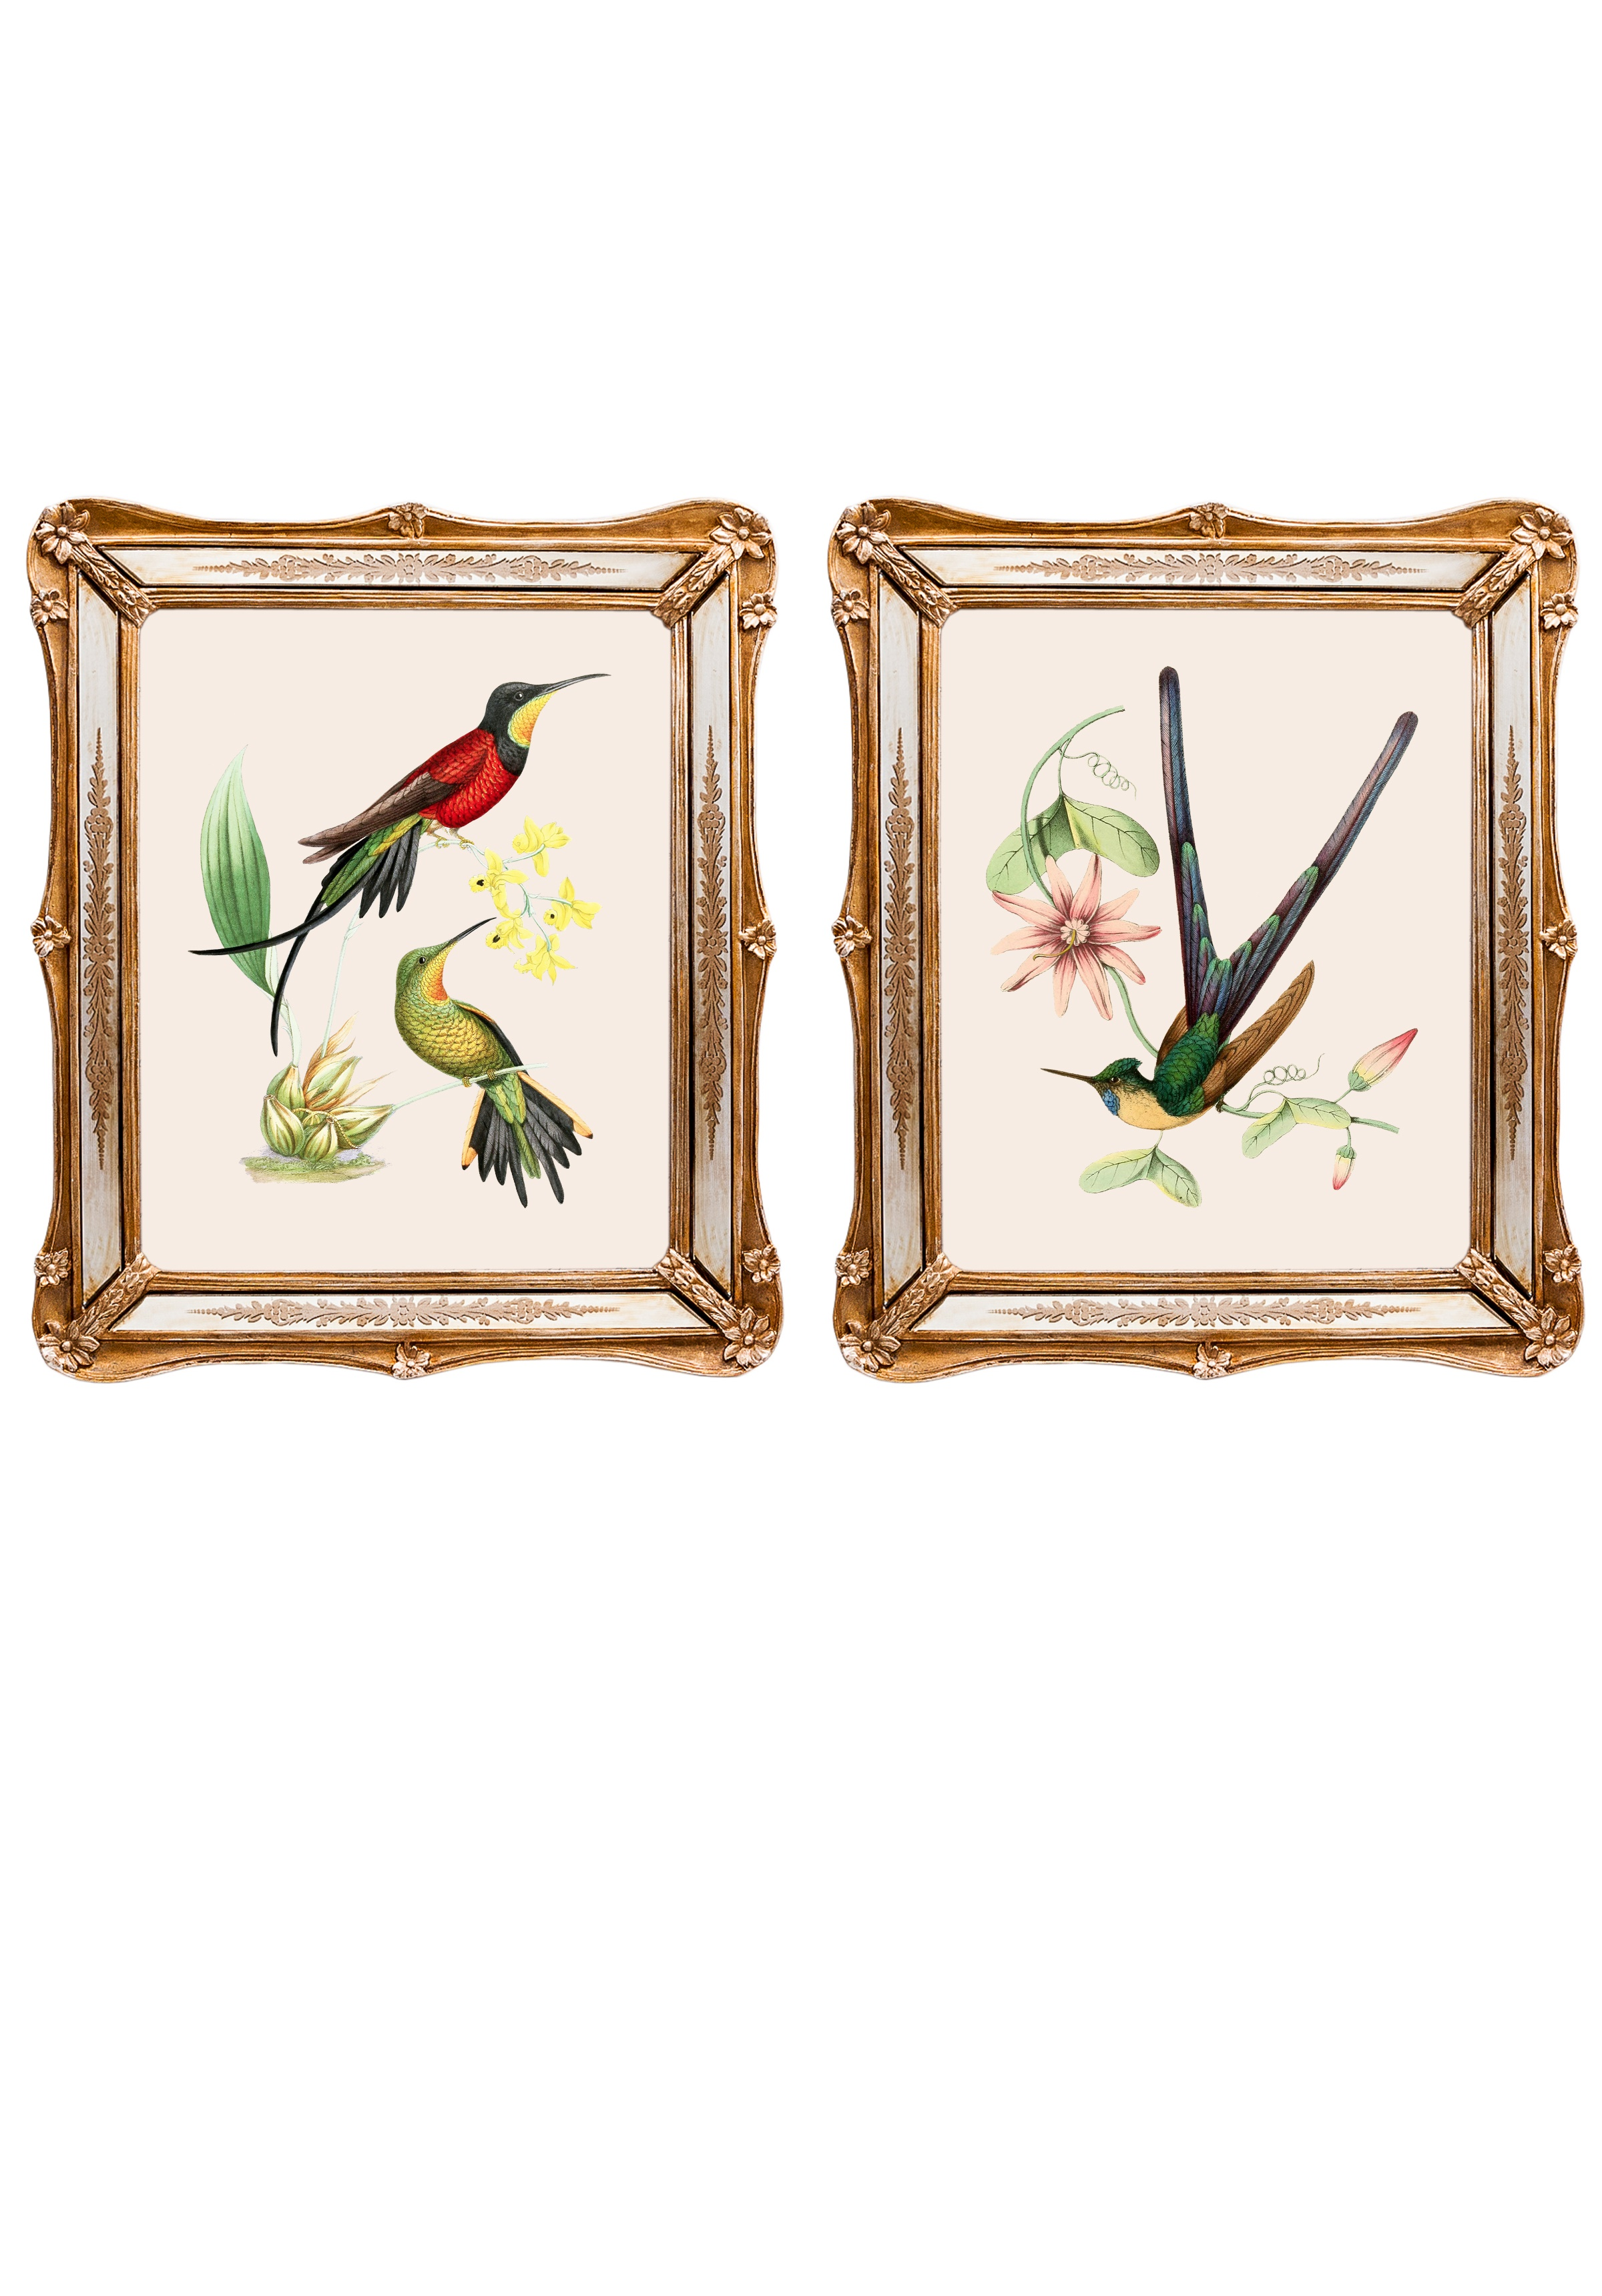 Набор из двух репродукций СофиКартины<br>&amp;lt;div&amp;gt;Репродукции акварелистов 19 века удовлетворят даже самый взыскательный вкус. Как очаровательны эти экзотические птицы! Красота оперения наталкивает на мысль, что это райские создания. Репродукции акварелей, обрамленные в великолепные рамы с зеркальными вставками, созданы удивлять и ежедневно дарить прекрасное настроение. Картины можно повесить на стену, а можно поставить, например, на стол или камин. Защитный стеклянный слой сохранит изображение от воздействий окружающей среды. Если Вам захочется обновить интерьер, Вы можете с легкостью заменить изображение картины!&amp;lt;/div&amp;gt;&amp;lt;div&amp;gt;&amp;lt;br&amp;gt;&amp;lt;/div&amp;gt;&amp;lt;div&amp;gt;Изображение - дизайнерская бумага; рама - искуственный камень, зеркальные вставки; защитный слой - стекло&amp;amp;nbsp;&amp;lt;/div&amp;gt;&amp;lt;div&amp;gt;цвет:мультиколор&amp;amp;nbsp;&amp;lt;/div&amp;gt;<br><br>Material: Бумага<br>Ширина см: 26<br>Высота см: 30<br>Глубина см: 2